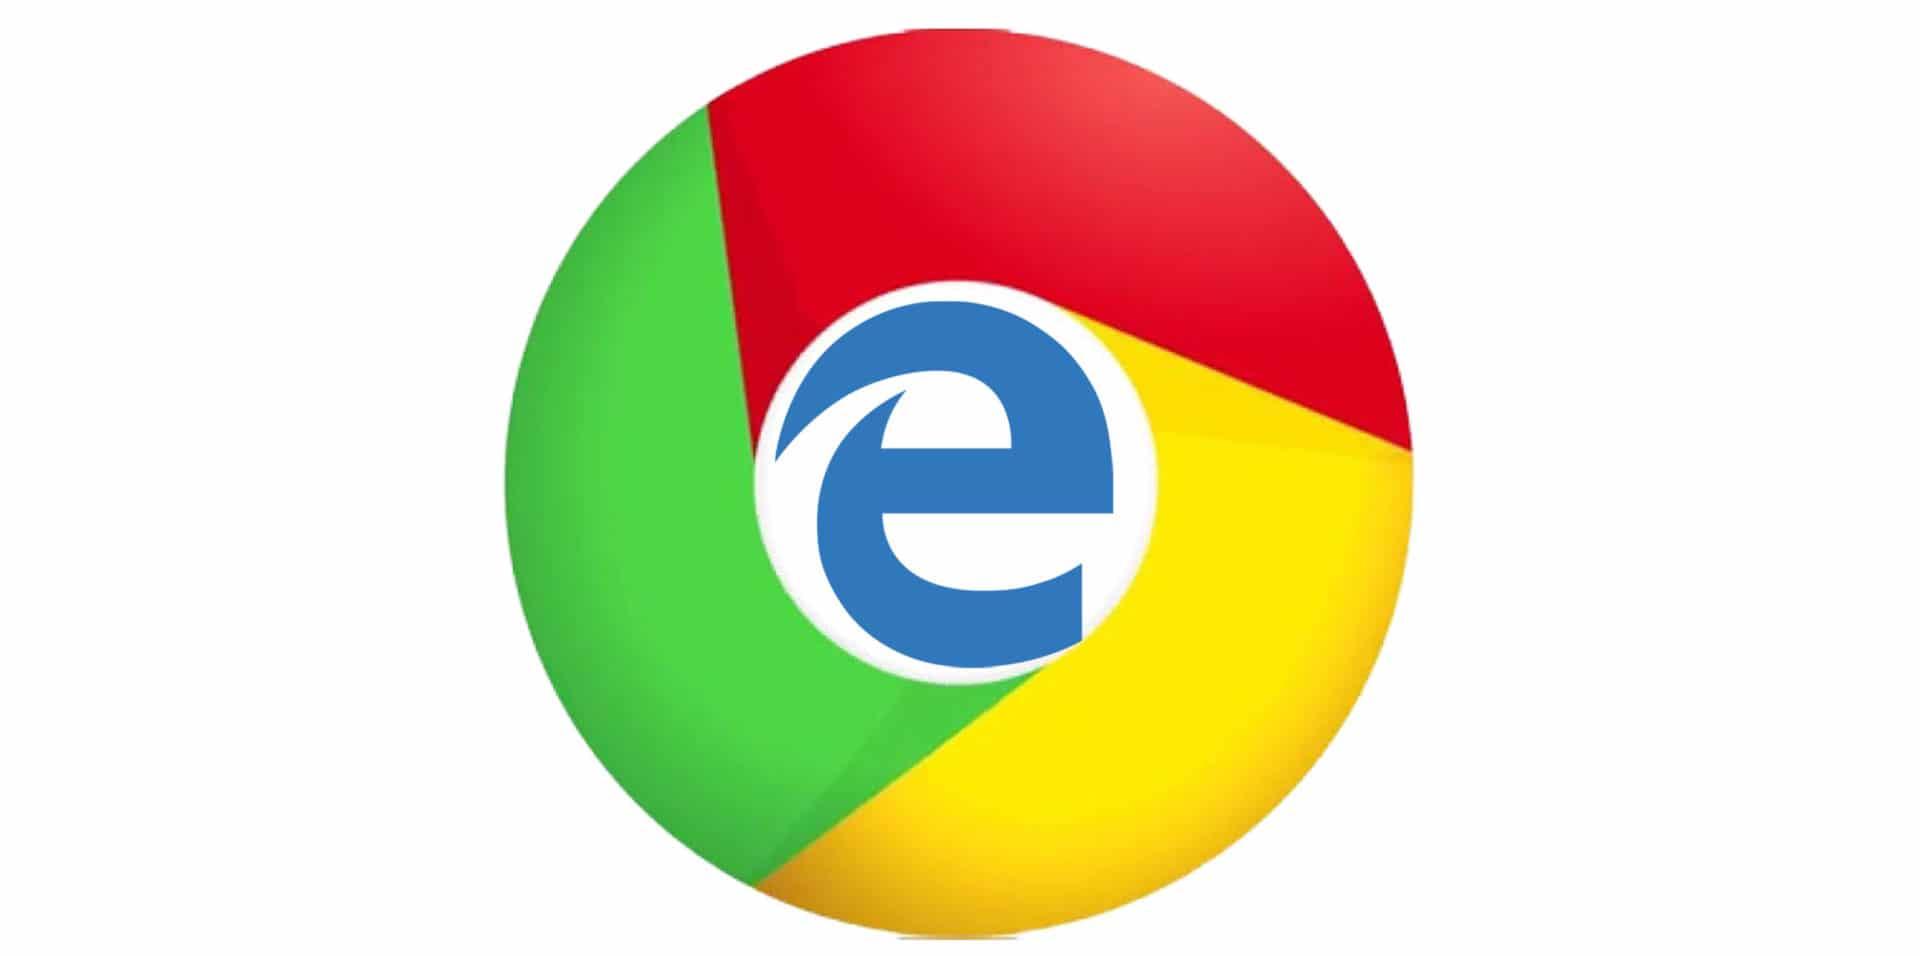 Microsoft Chromium Edge logo